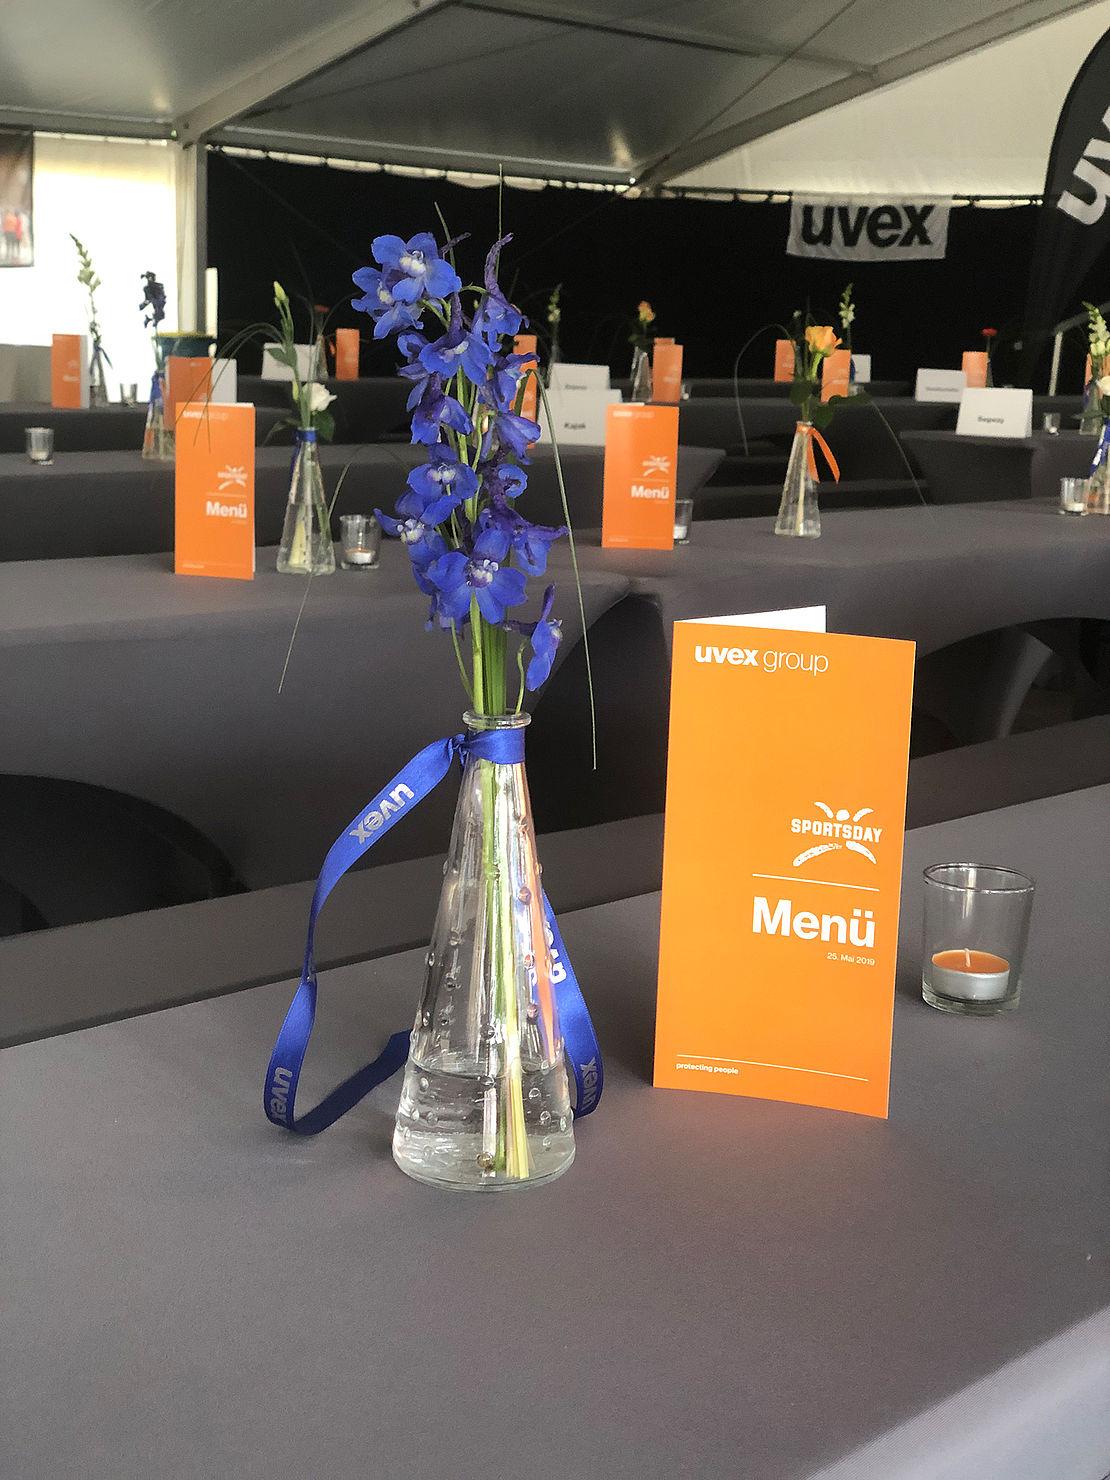 uvex-group-sportsday-dekoration-mit vase-und-blume-und-menükarte